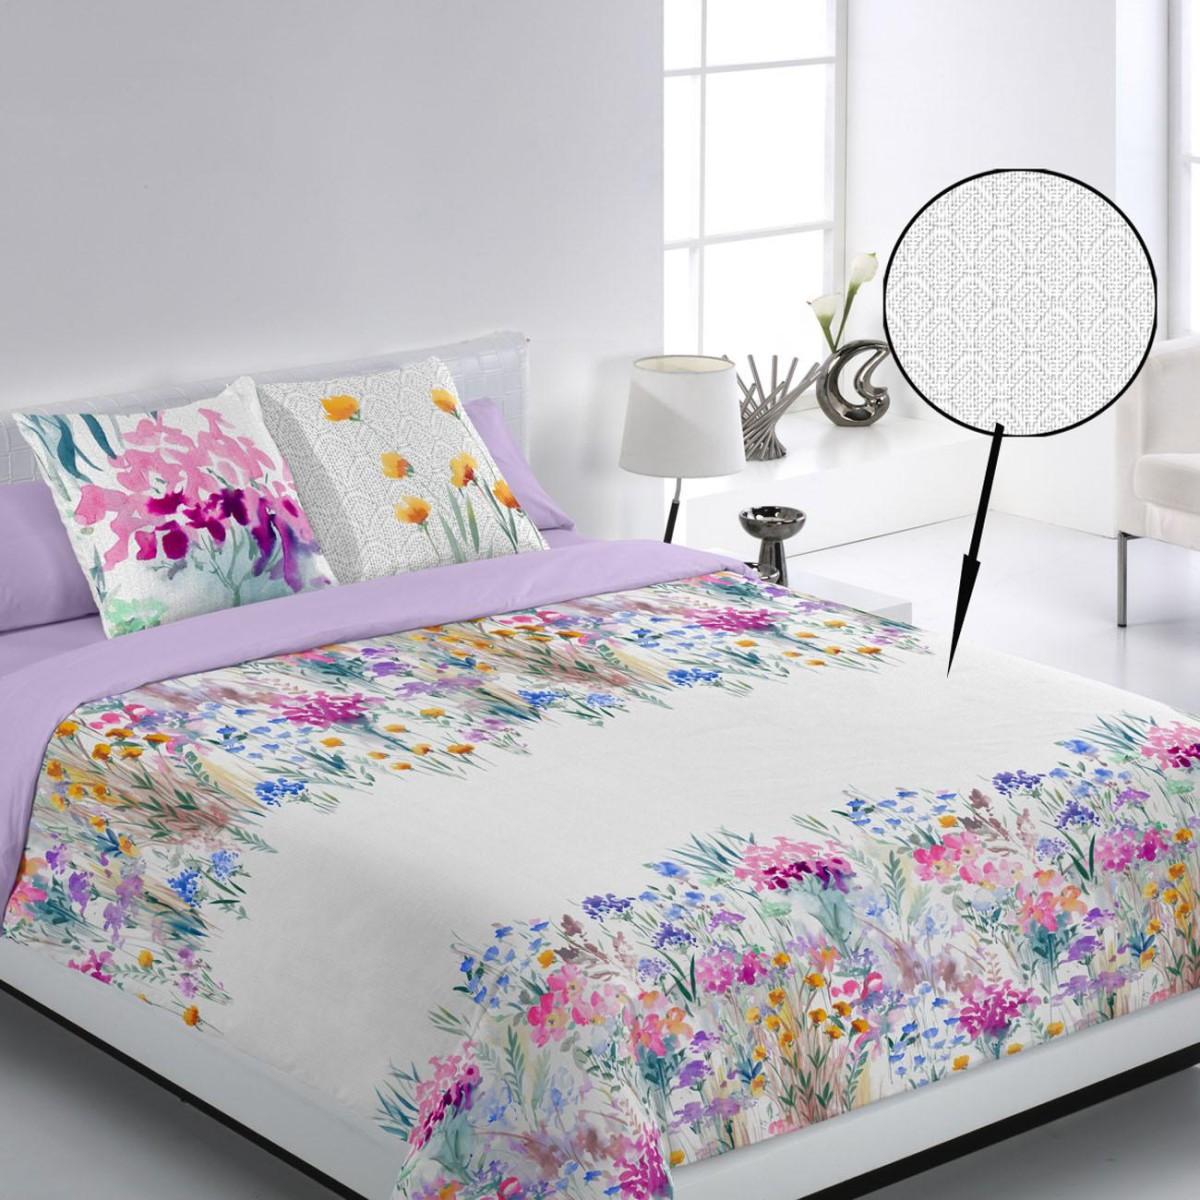 Juego funda n rdica lienzo encama cama - Ropa de cama para hosteleria ...